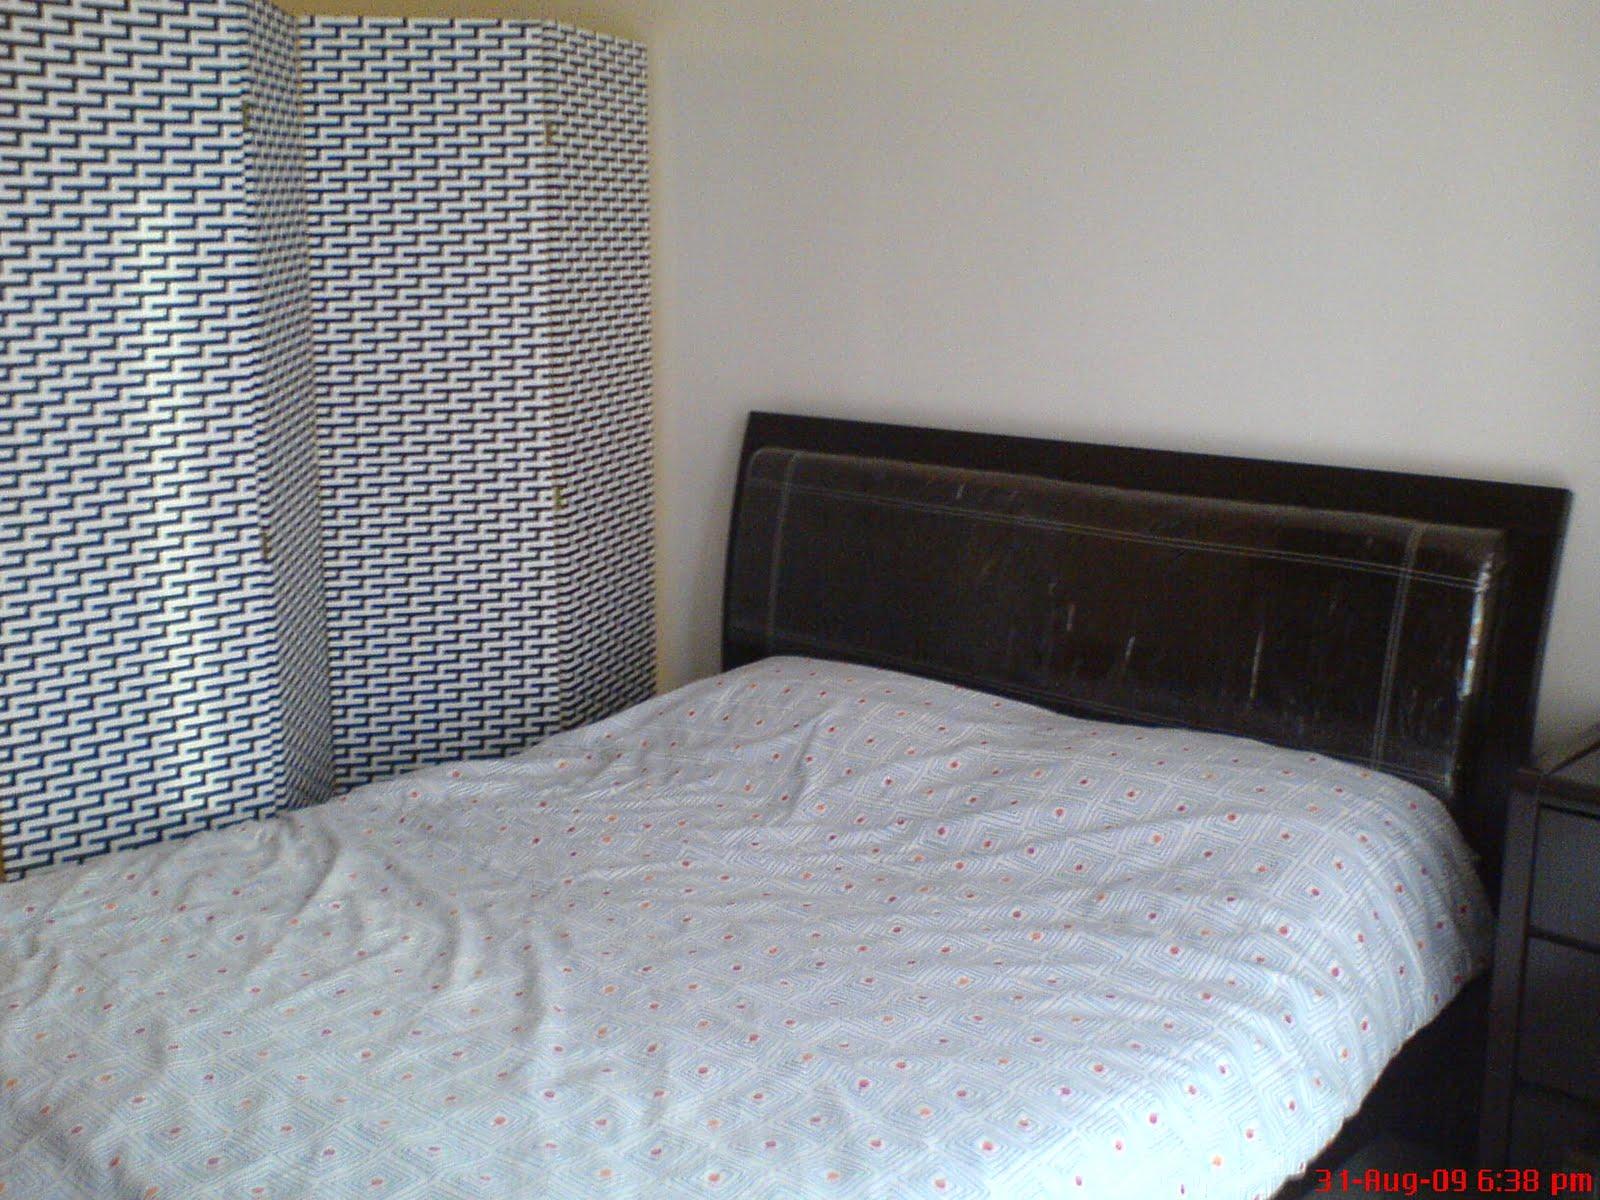 Short Term Rental 1 Bed Studio Apartment Full Furnished Rm3000 Month Klapartmentforrent Webs